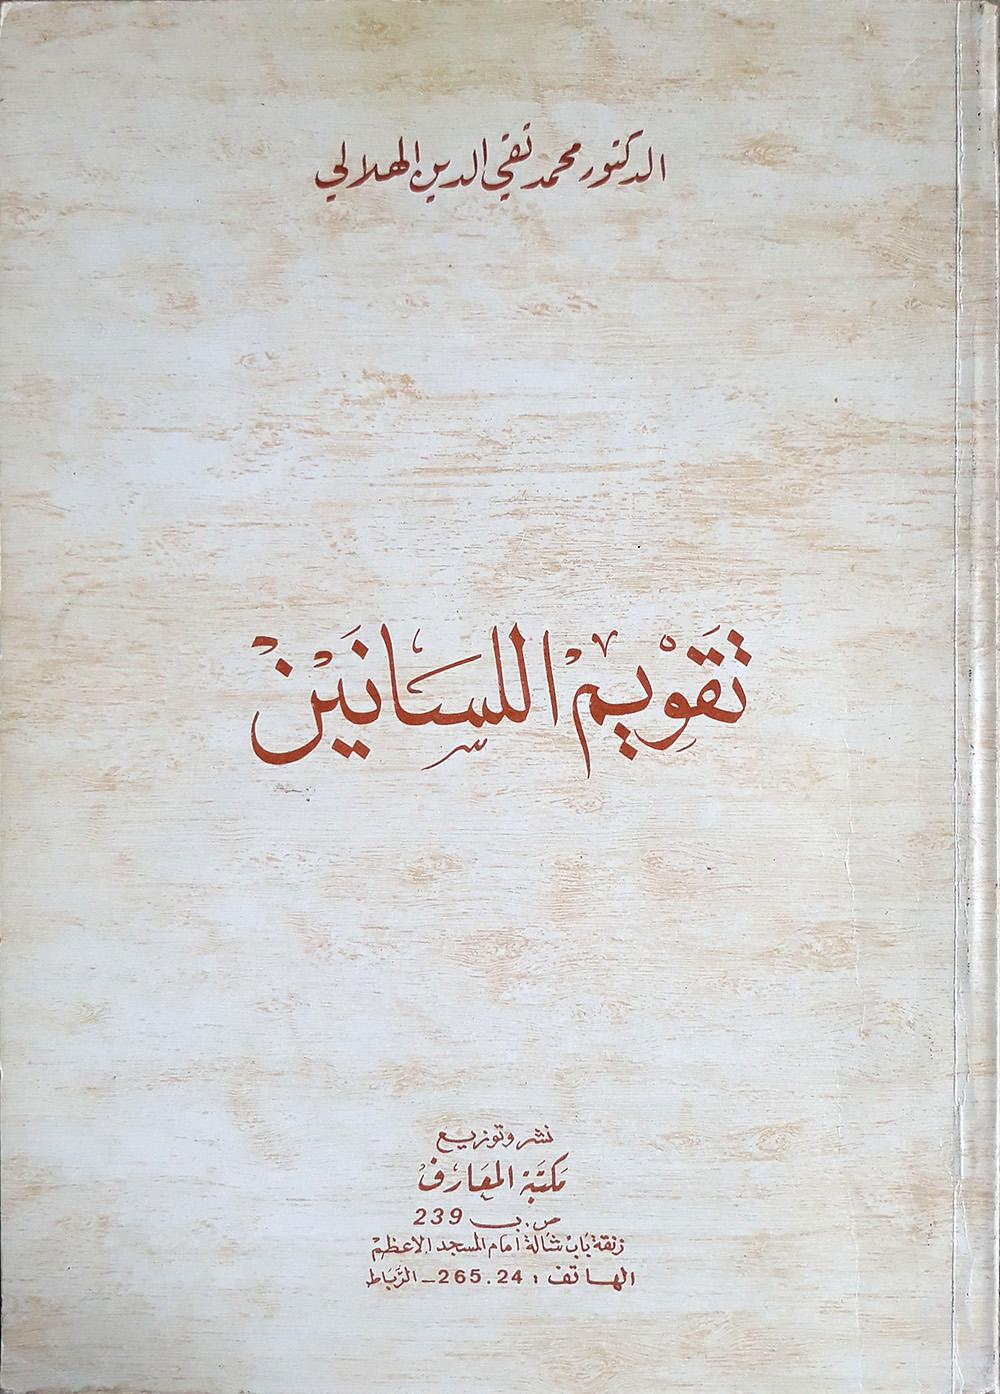 كتاب تقويم اللسانين - الدكتور تقي الدين الهلالي